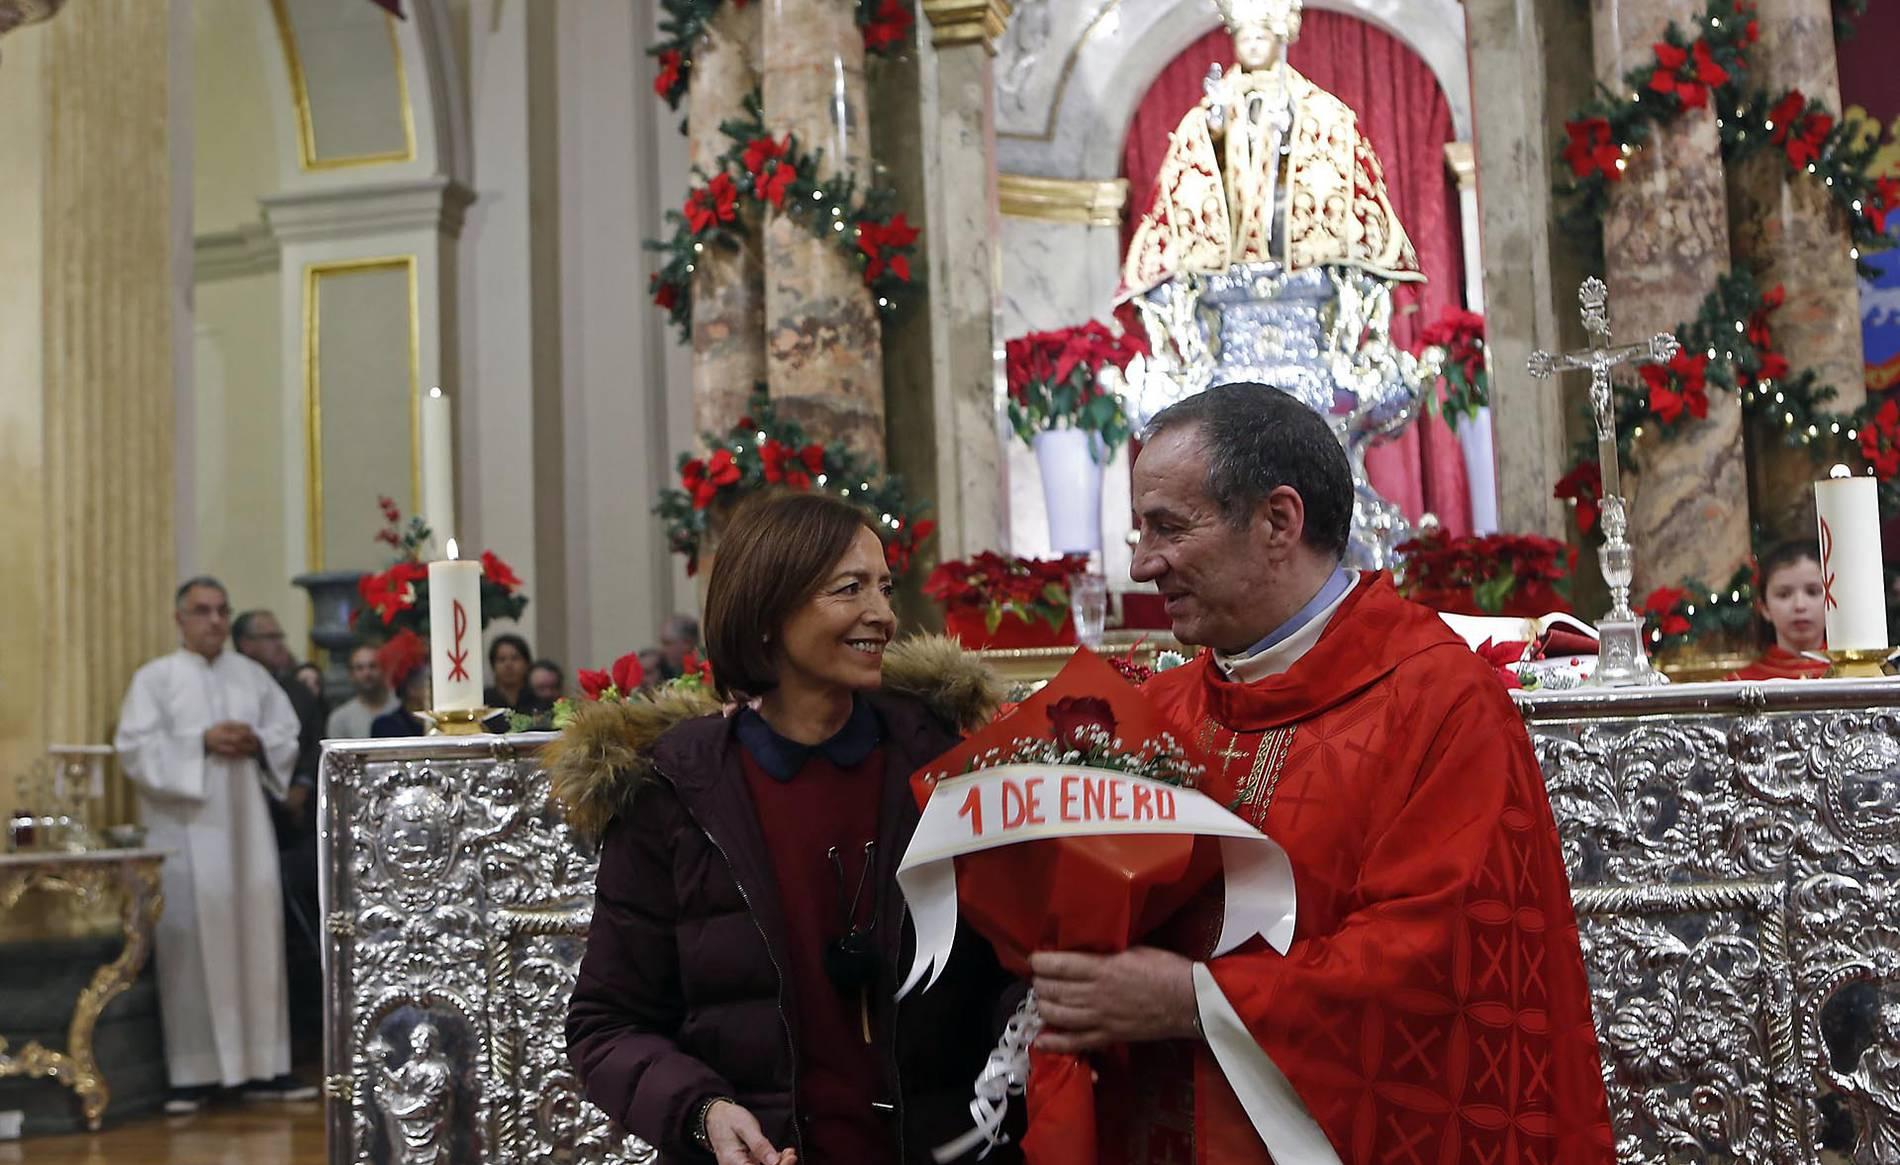 Primera misa de la escalera de San Fermín (1/10) - La Cofradía de San Saturnino fue la encargada de amenizar una liturgia que terminó con la tradicional jota. - Pamplona -